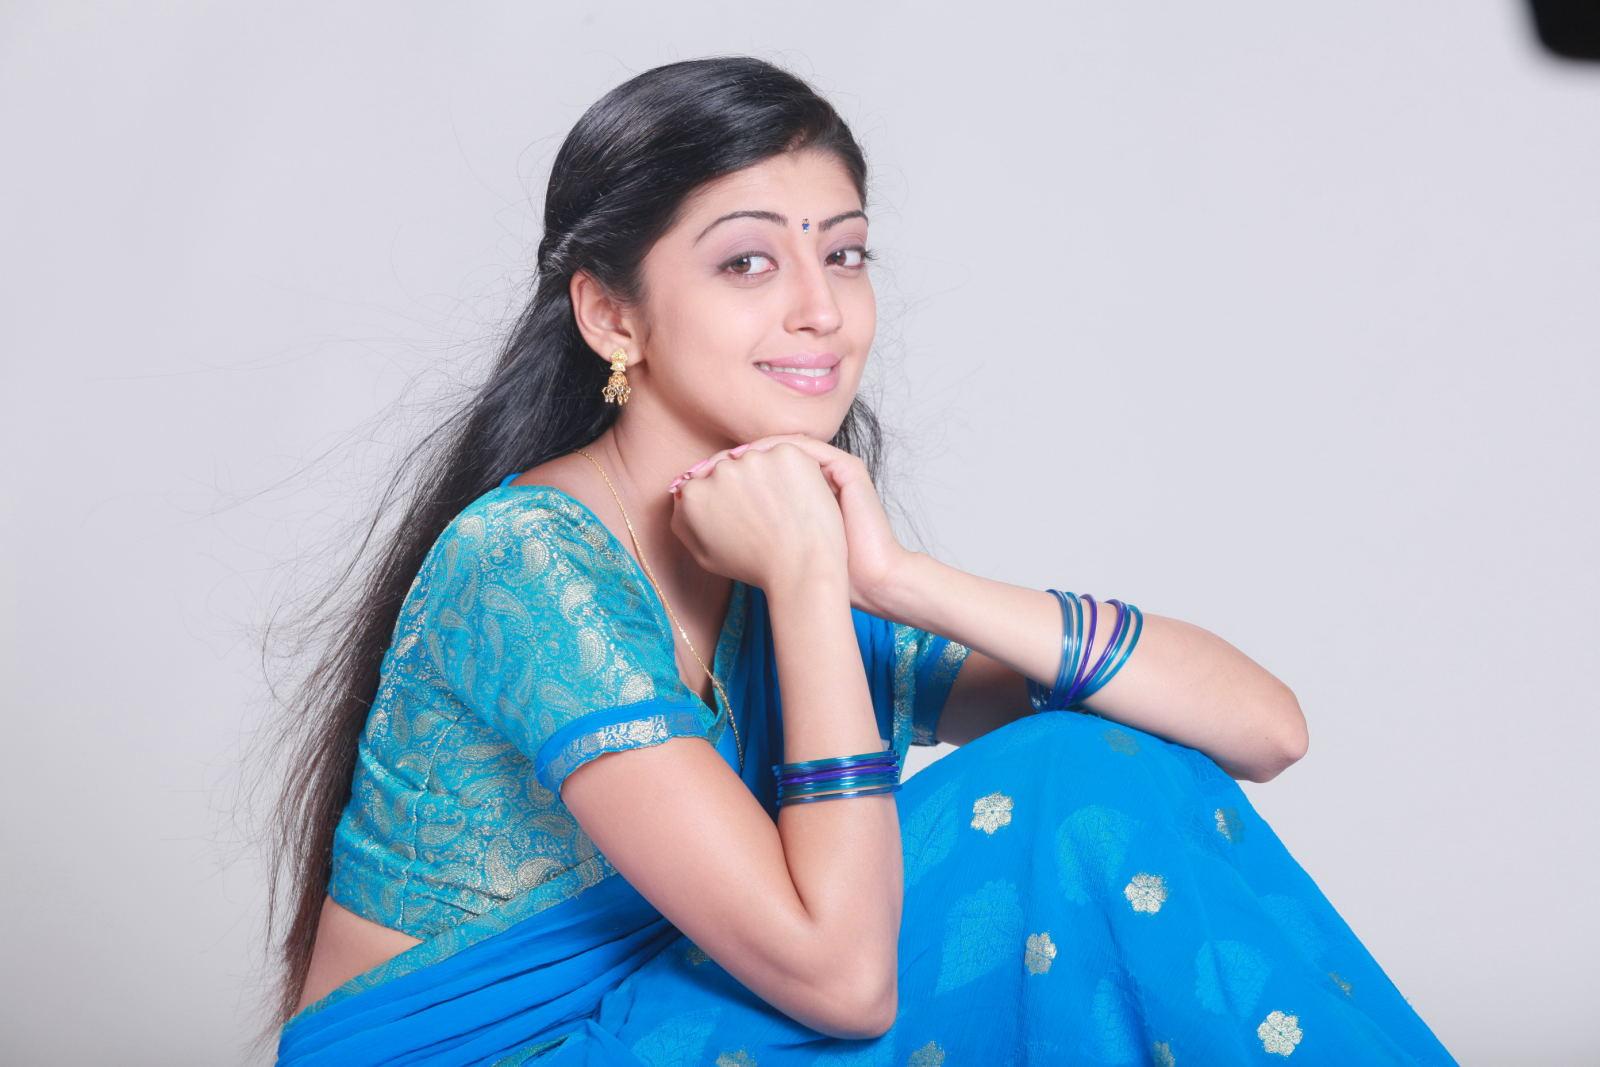 South Indian Actress Hot Photos Hot Videos Ileana